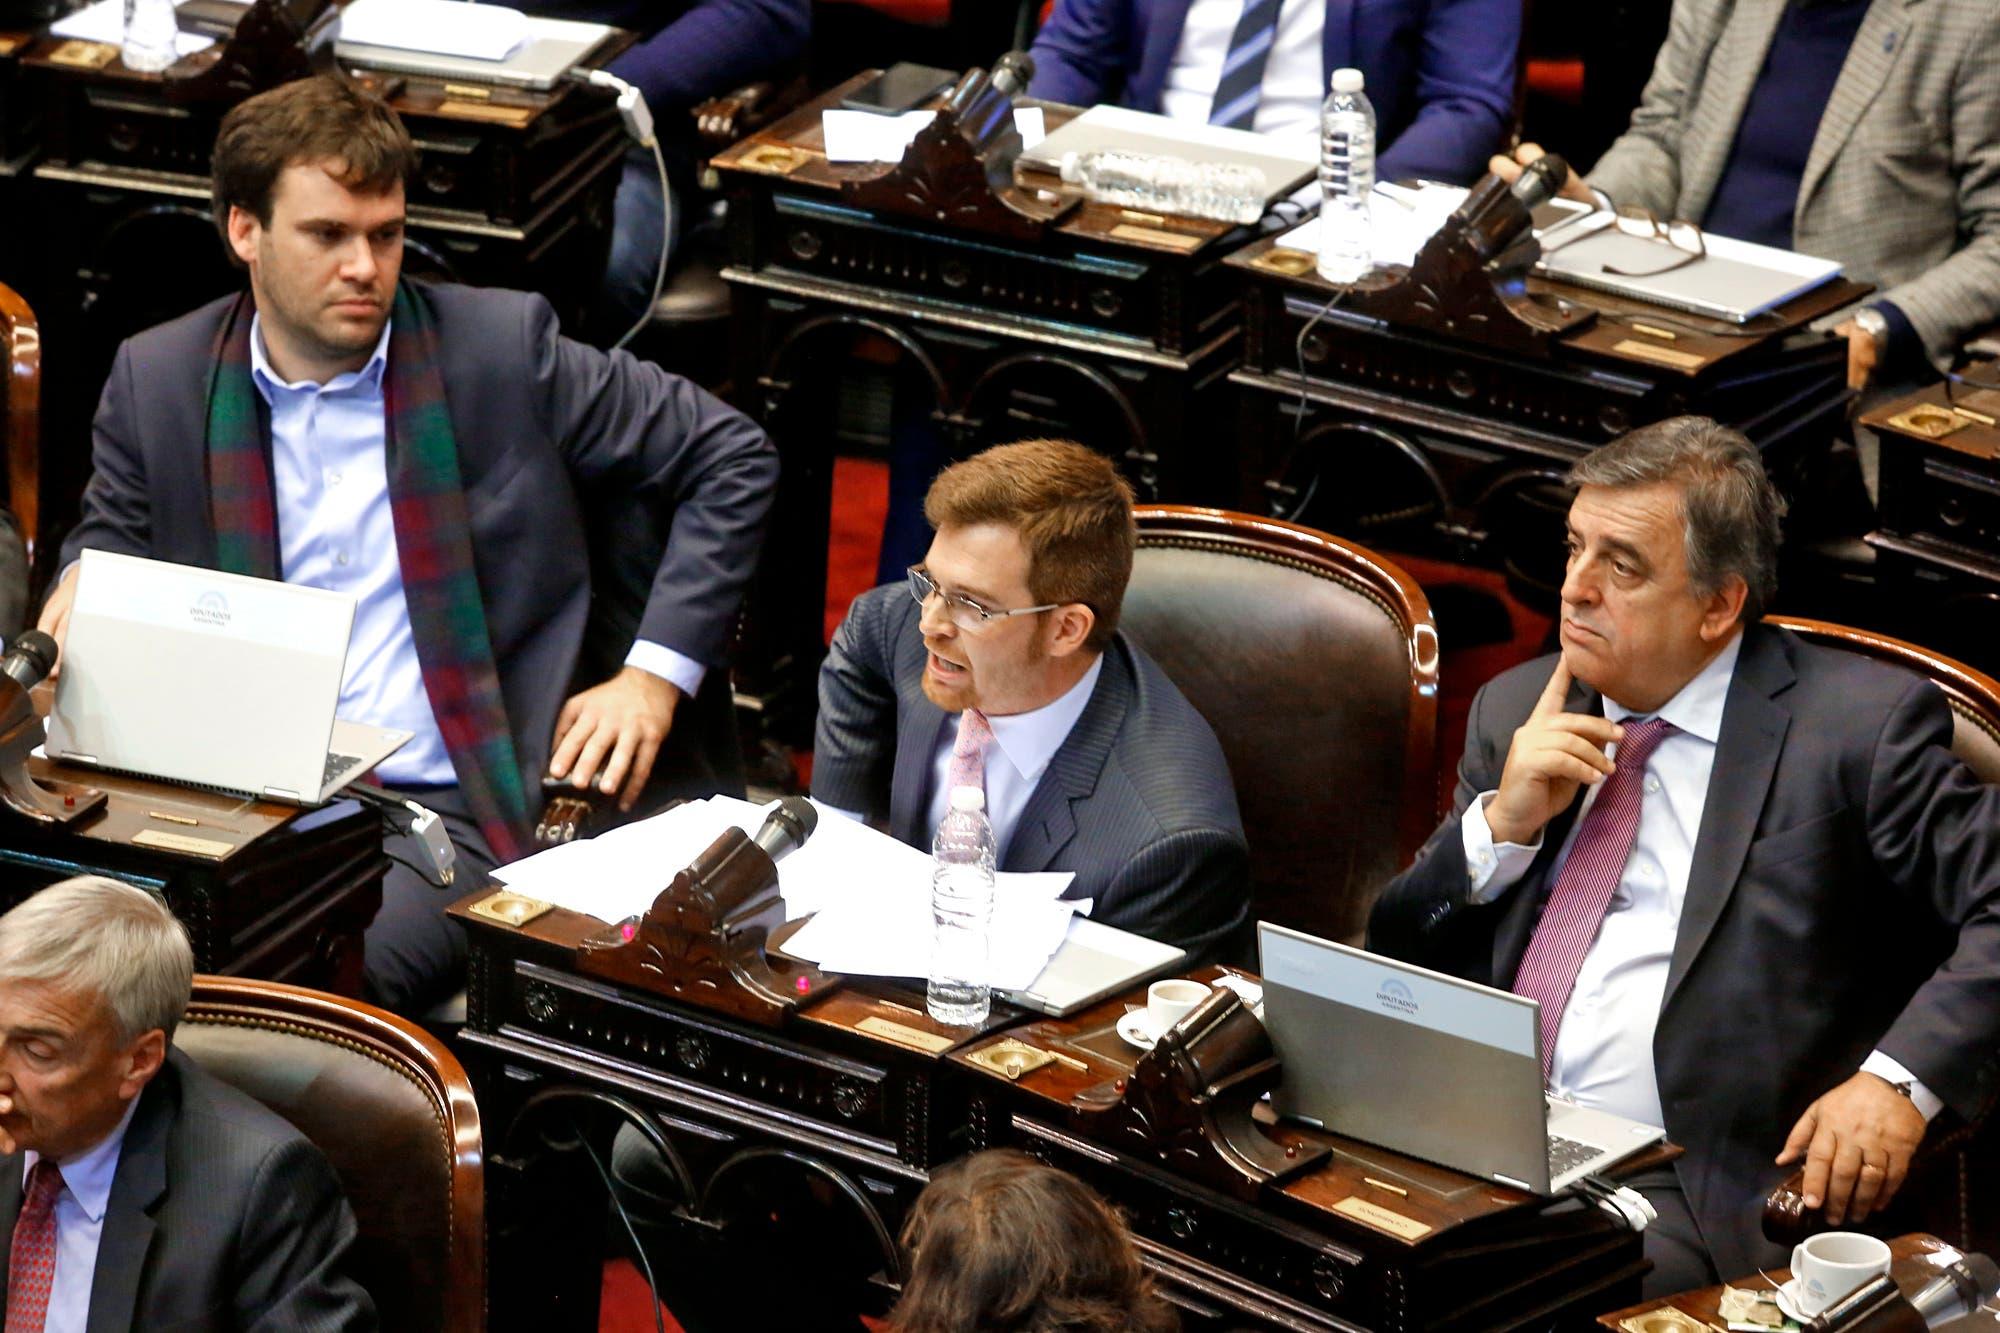 El oficialismo tiene una mayoría ajustada para aprobar el presupuesto en Diputados